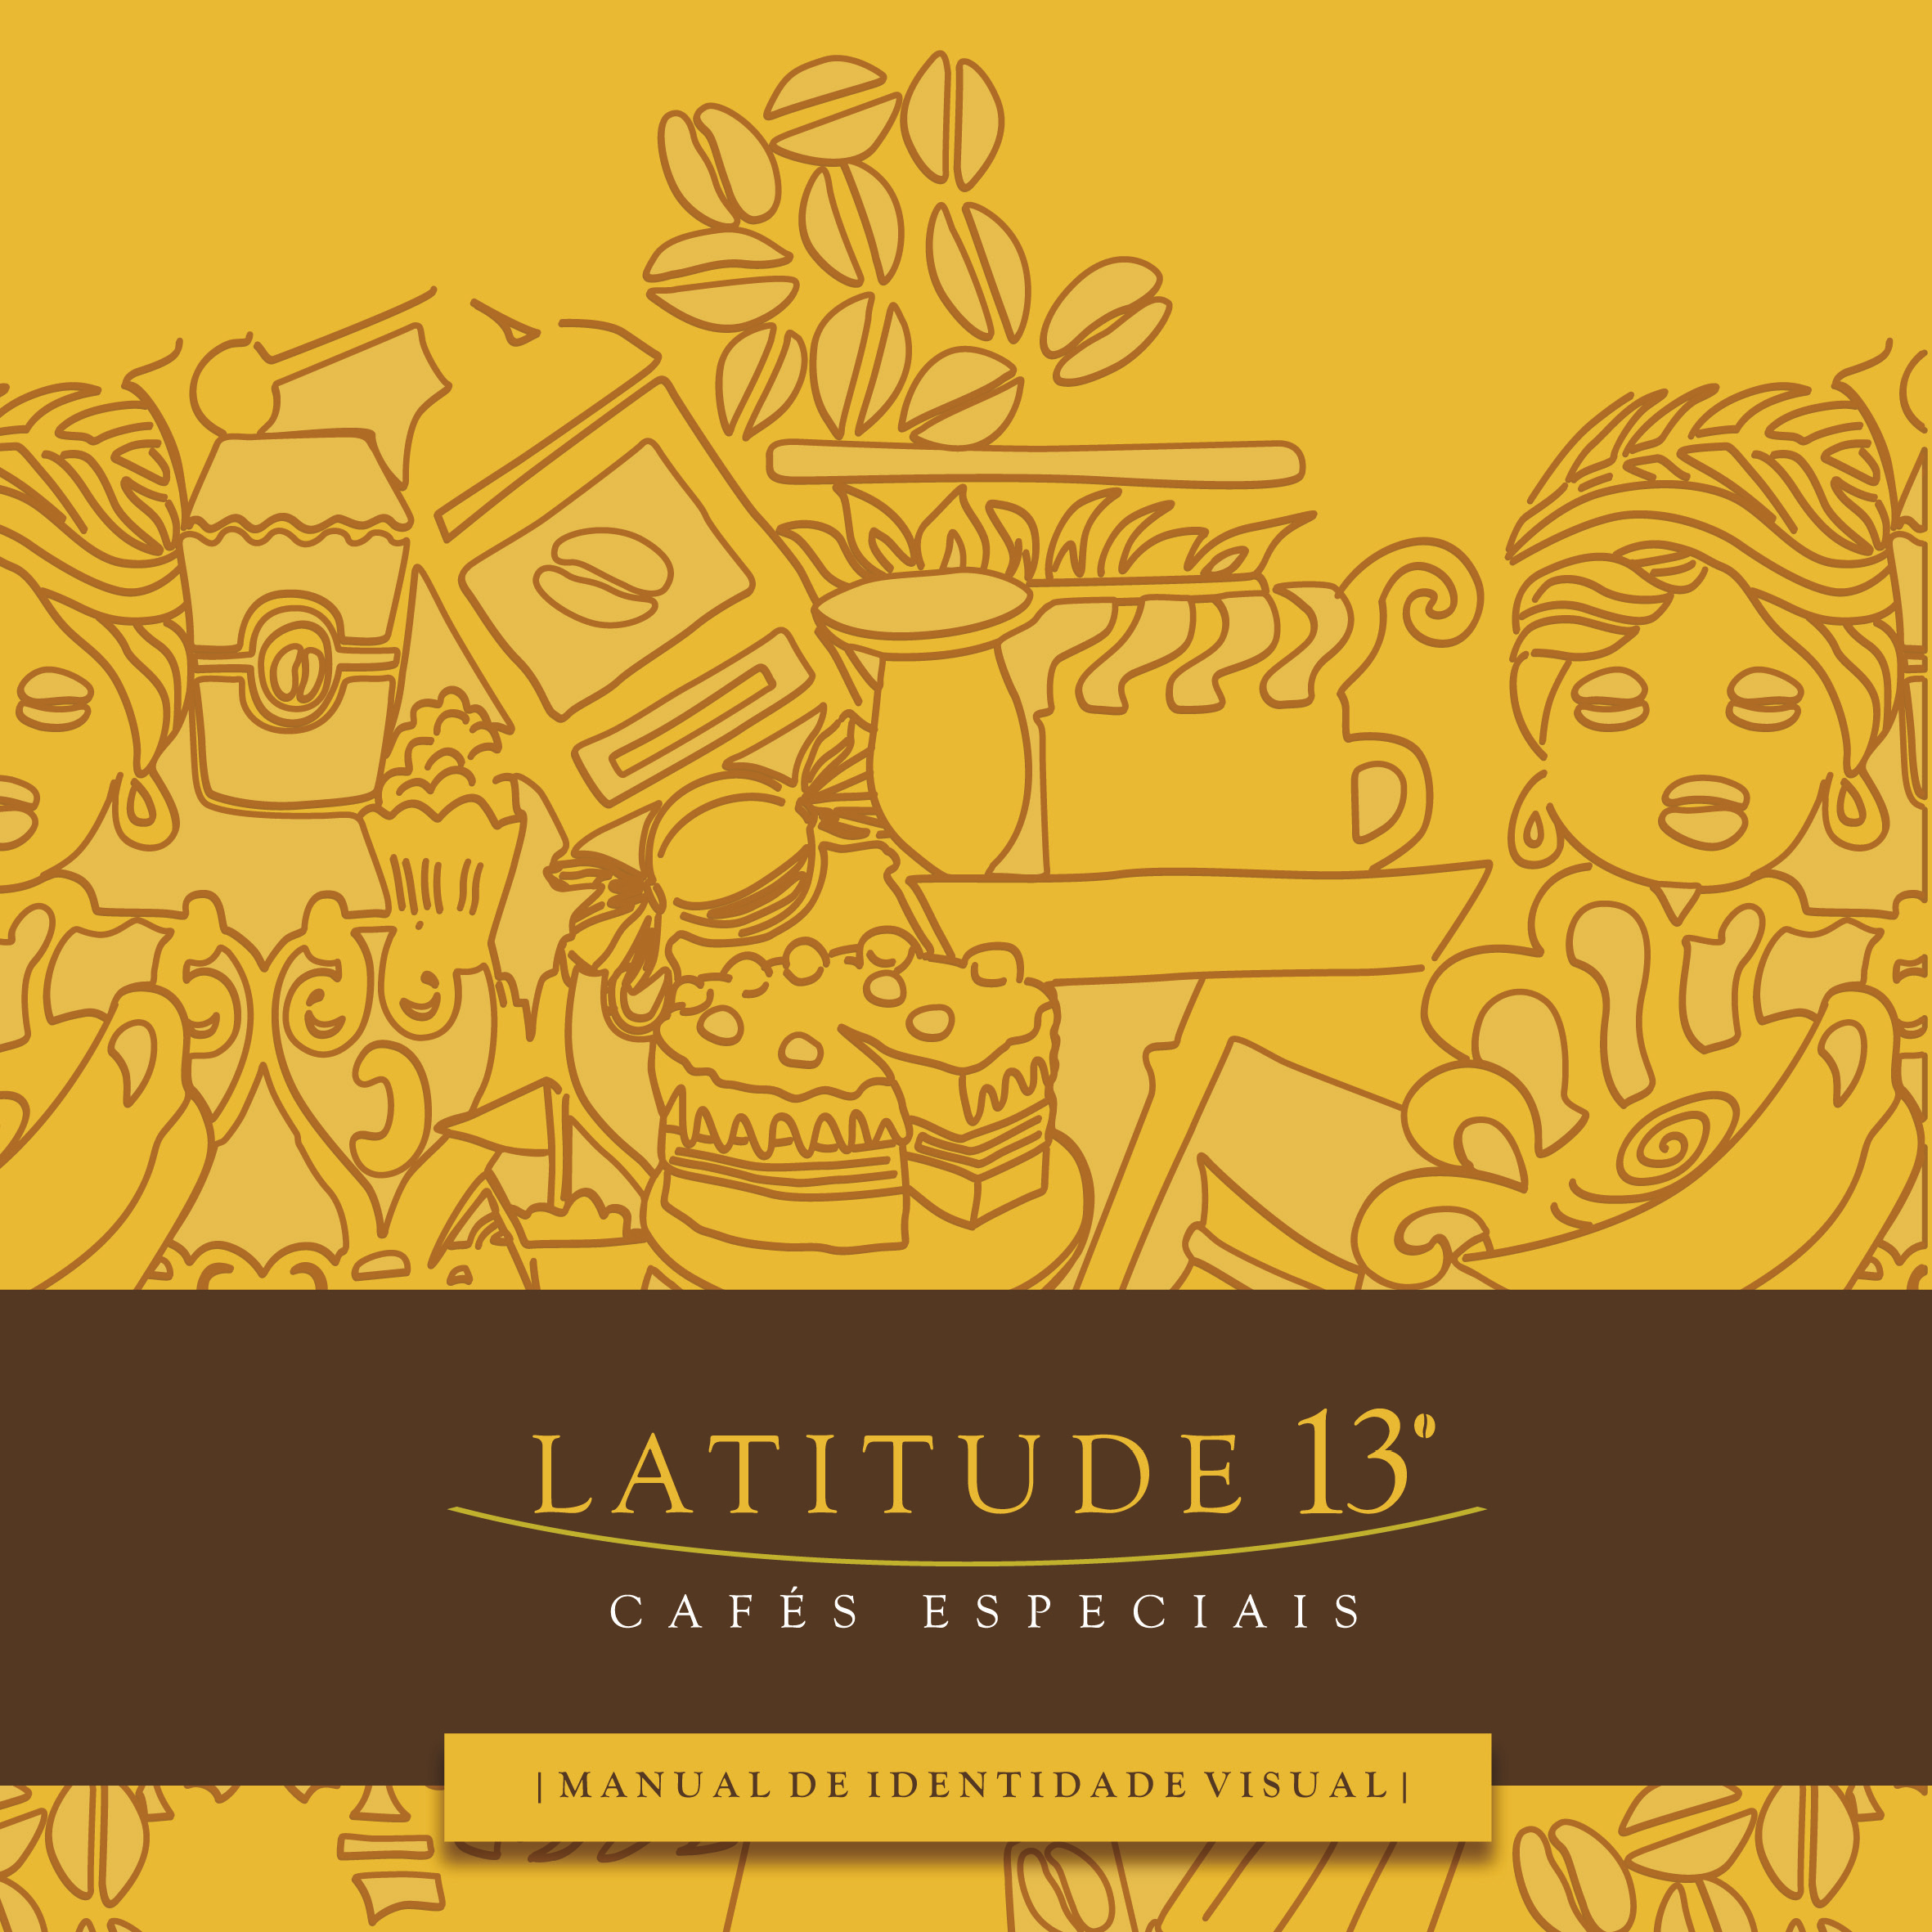 Latitude 13